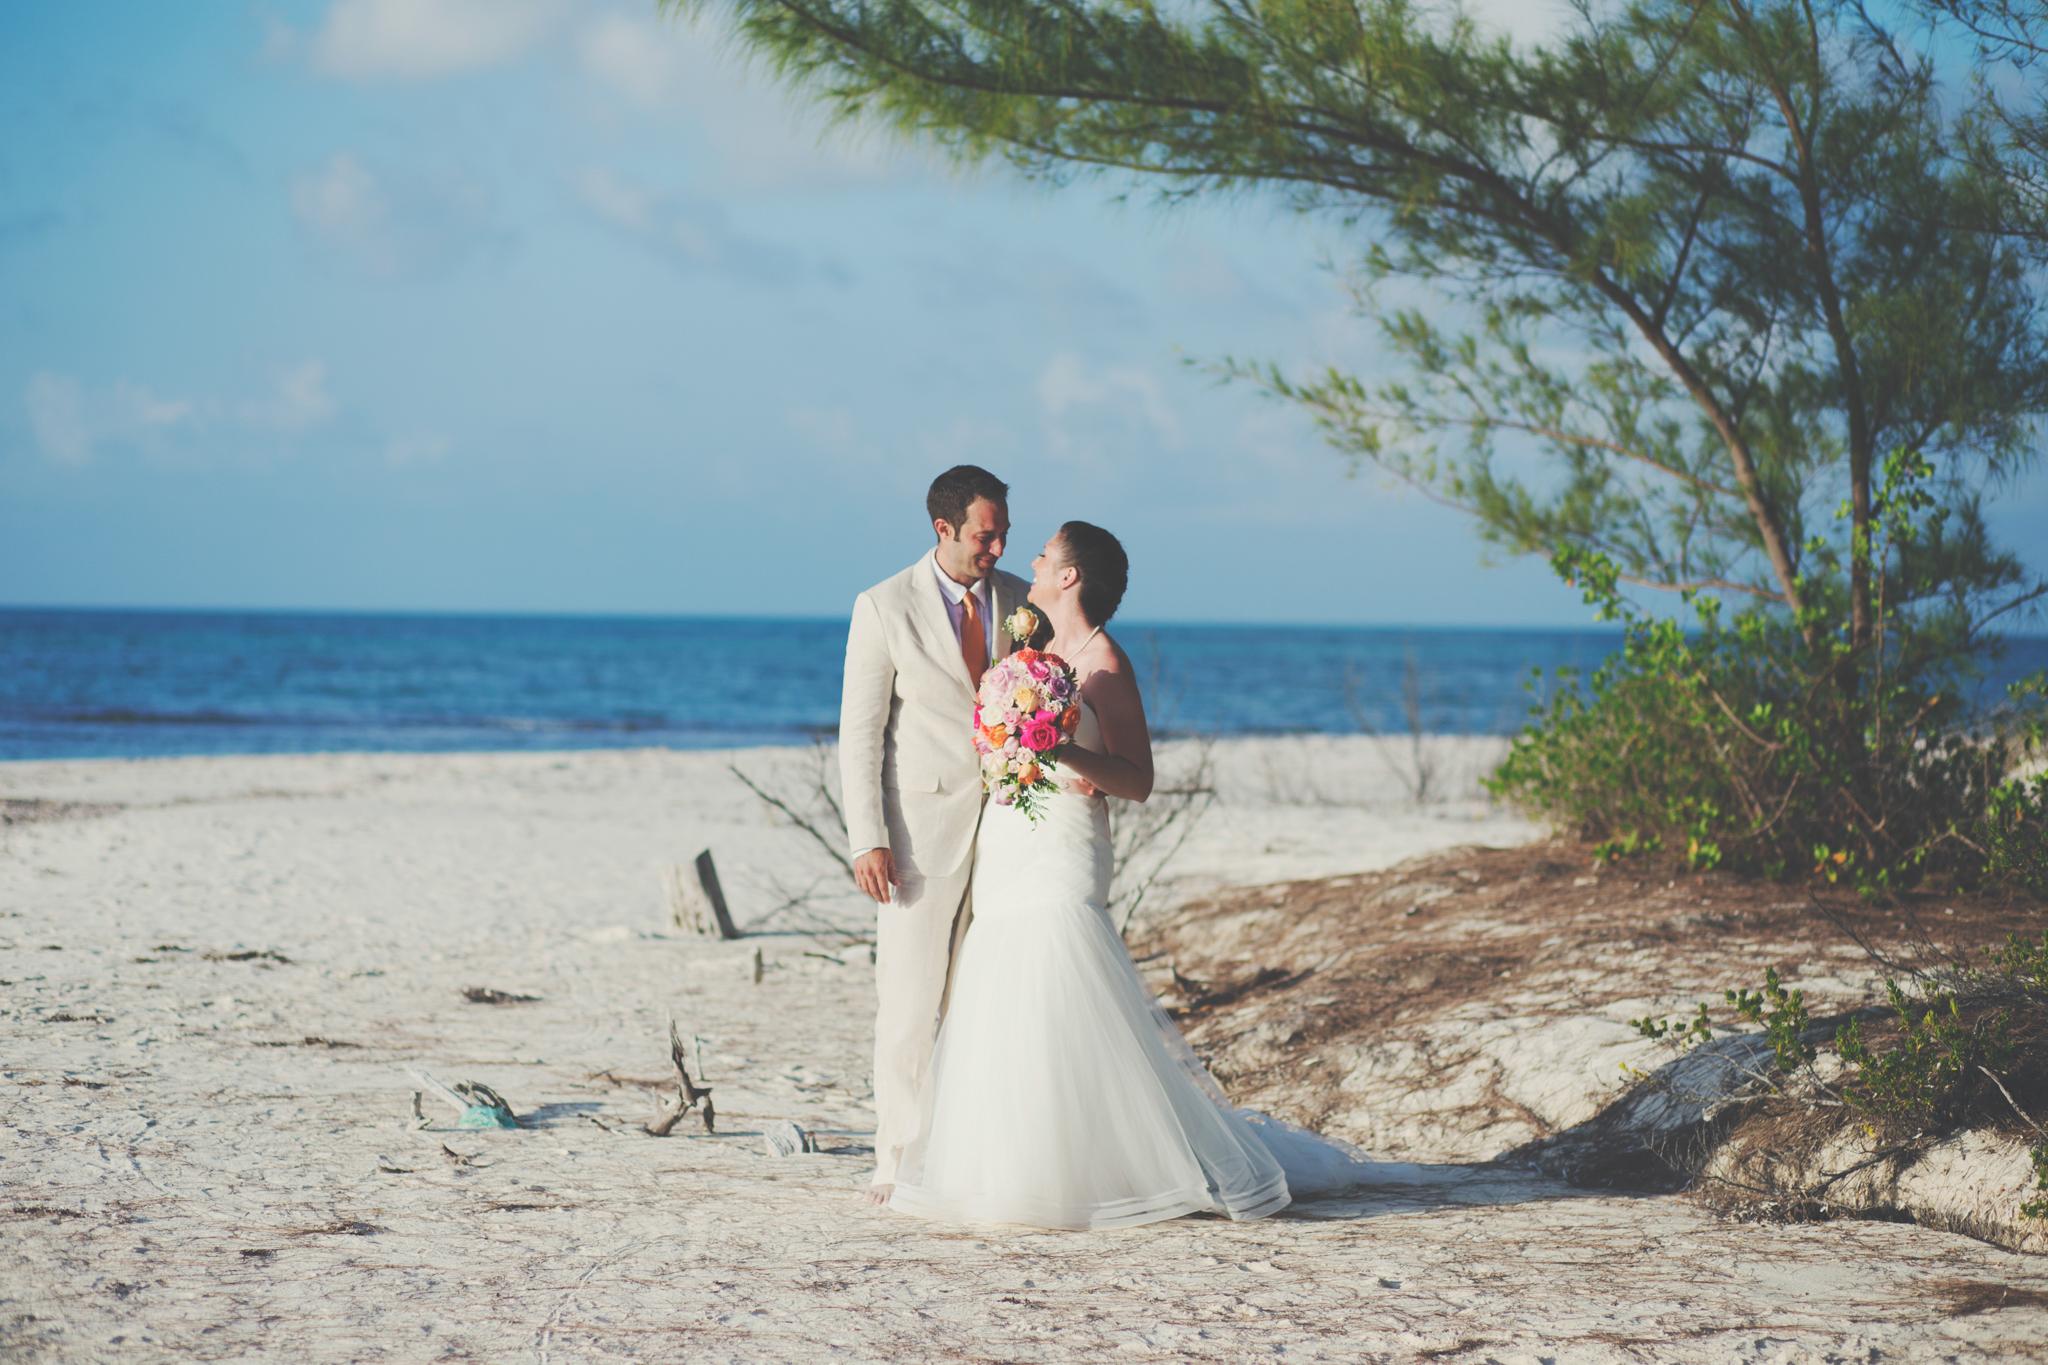 ¿Imaginas una boda en una isla privada del Caribe?En mayo tuvimos la suerte de presenciar una.Qué afortunados nosotros que además de ser testigos de este matrimonio,fuimos los responsables de documentarlo. Al norte de Cozumel, el caribe mexicano fue nuestro escenario durante una semana. Vimos el color de mar más turquesa que nuestros ojos podrían haber imaginado. Tocamos la arena más suave y vimos los cielos más increíbles, dignos de fotos, dignos de video. Así, como en las revistas y en las películas, el paraíso existe. La isla se llama Isla Pasión, su nombre,que pareciera haber sido puesto por algún publicista con ganas de atraer a amantes de todas partes del mundo, es en realidad su nombre original desde siglos atrás. Qué bonita sorpresa enterarnos que los mayas se trasladaban a sus paradisiacos paisajes para atraer el amor y la fertilidad, consagrando su espacio con rituales y bodas llenas de símbolos y misticismo.Qué bonito poder trasladar todo esta historia al presente y viajar hasta ahíesta vez, para la boda de Lindsey y Matt.A pesar que no pudimos compartir mucho con ellos en los días previos, nos encantó la experiencia de una boda completamente distinta a las que estamos acostumbrados cada sábado en Lima. Siempre es bueno salir de la rutina,¡bienvenidas sean las bodas diferentes! No podemos esperar por hacer más bodas afuera. Por lo pronto,mientras preparamos el video de estos novios,los dejamos con este resumen fotográfico del día de Lindsey y Matt ¡felicidades chicos!   ¡Congratulations Lindsey and Matt we promise to translate to english soon!   ¡Aquí el video! And also take a look to the video!